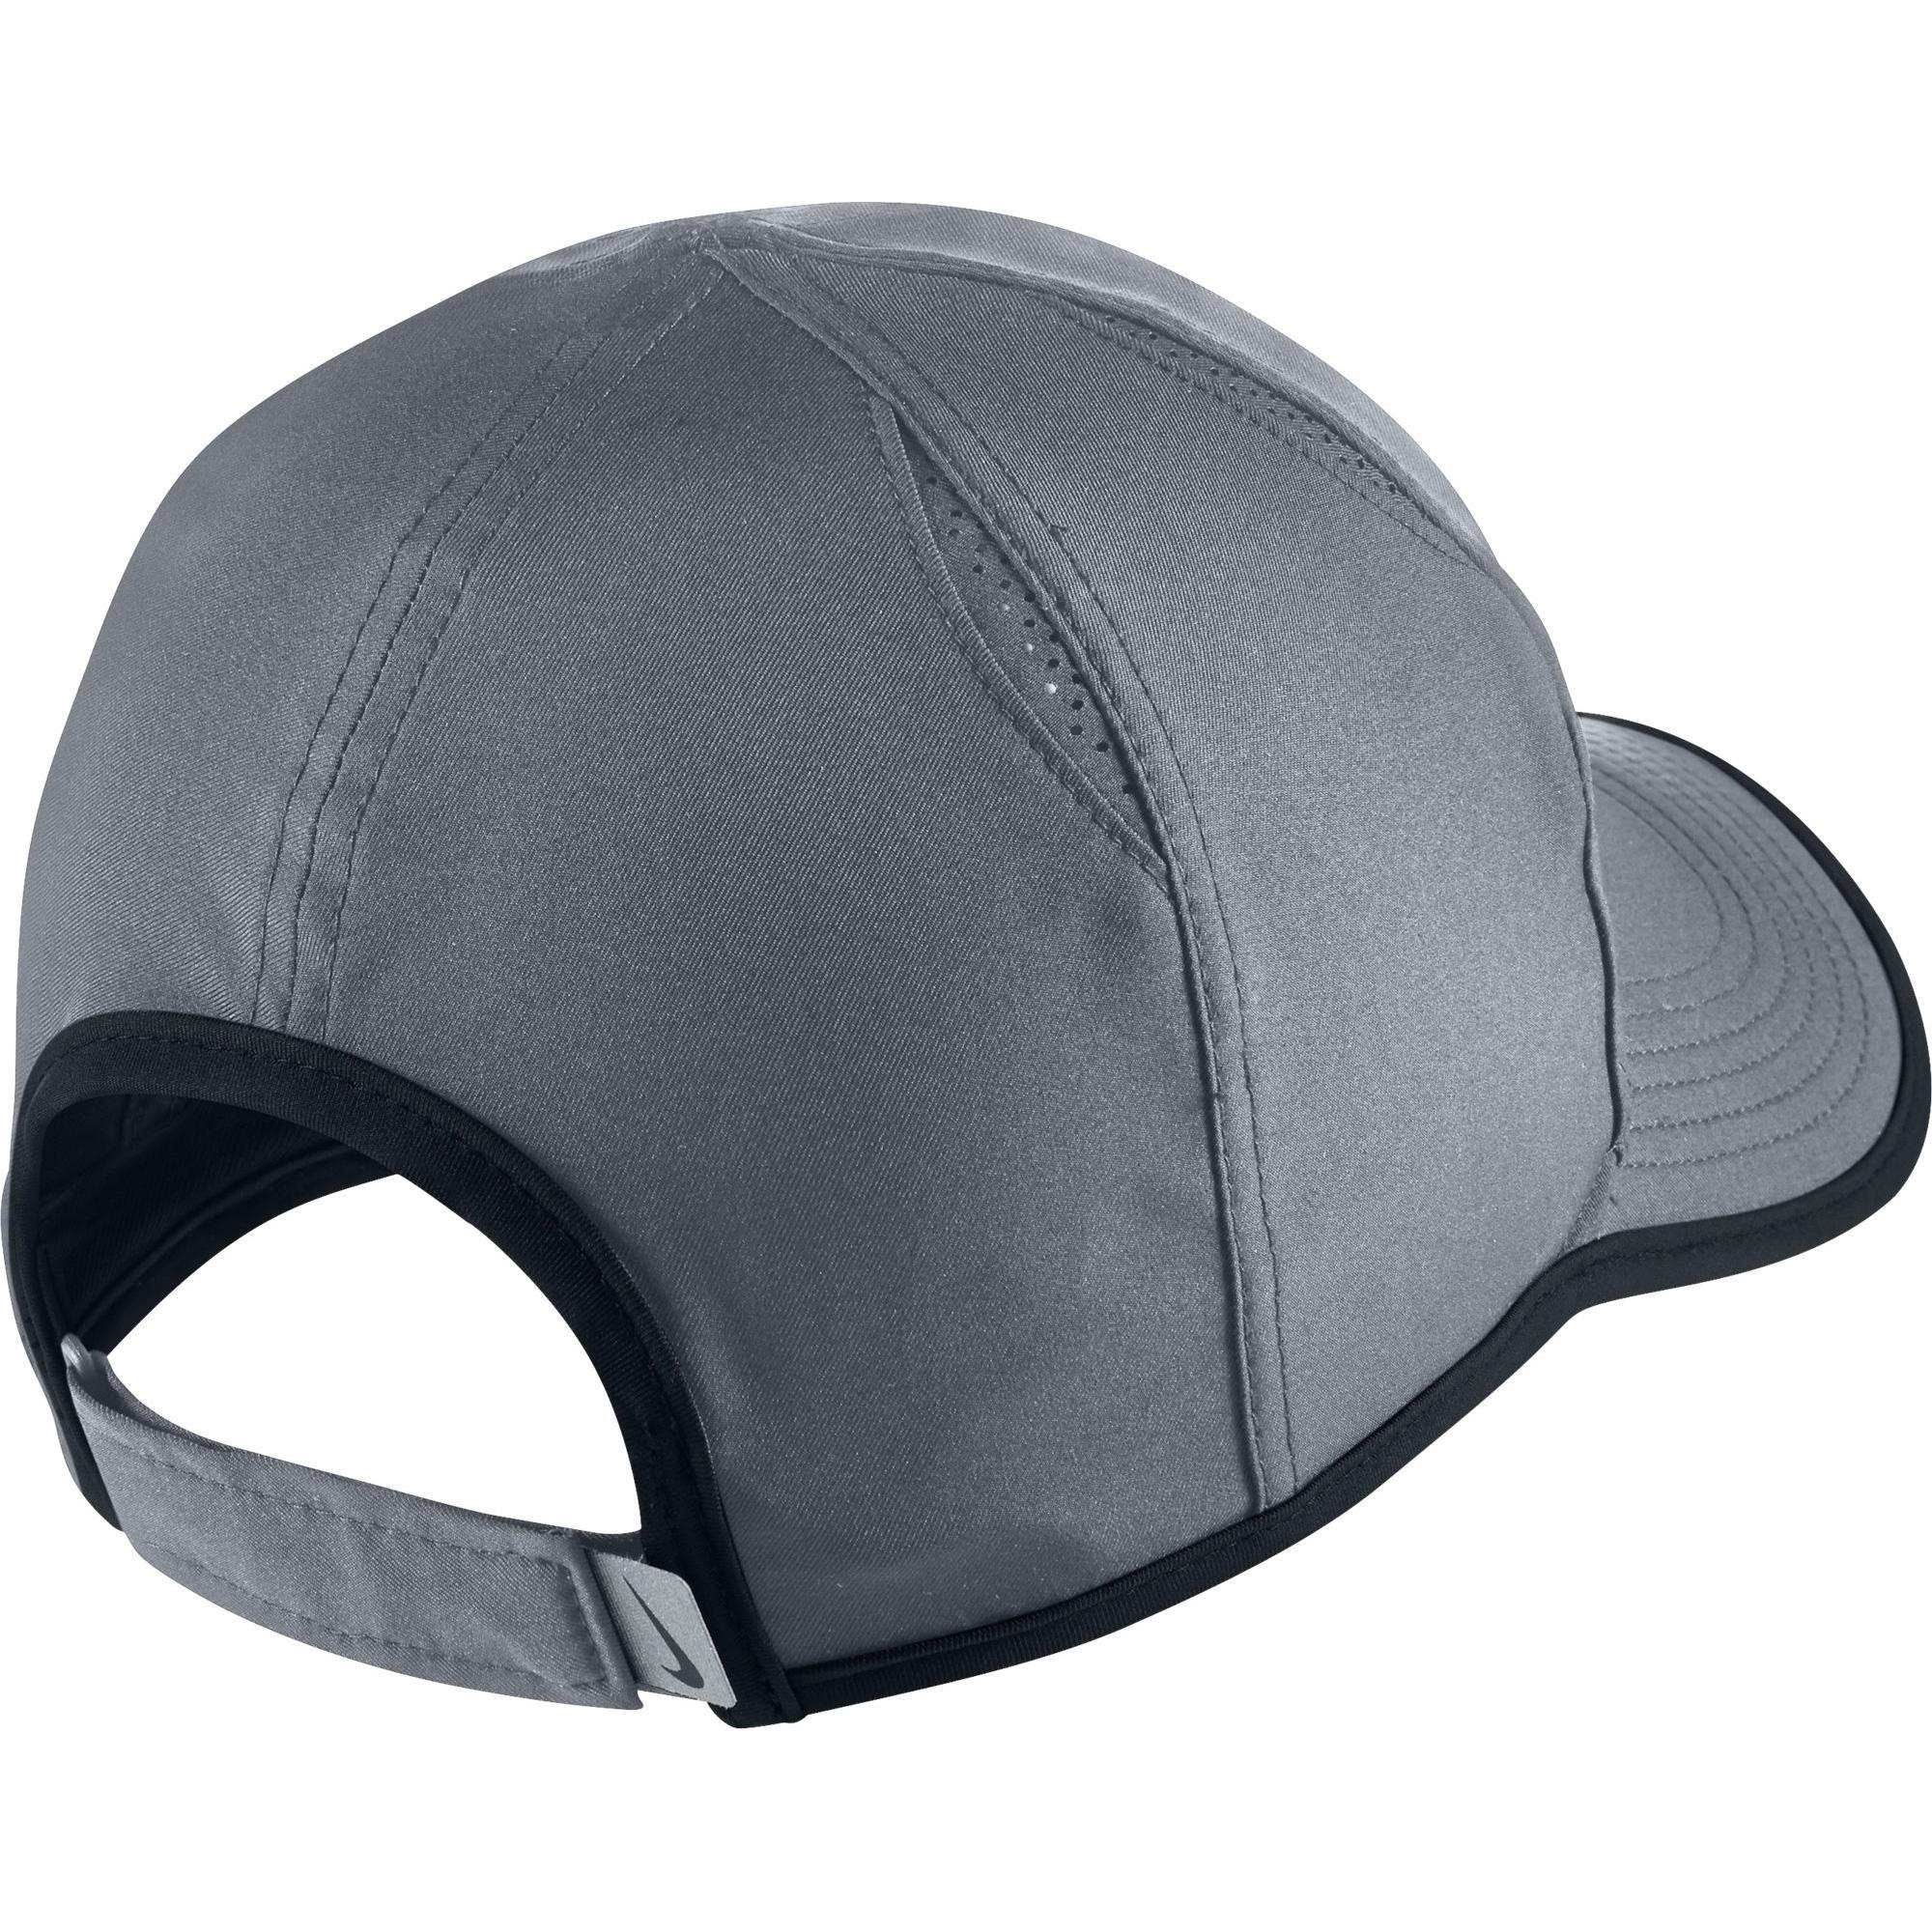 f54e9f6416267a Nike Feather Light Adjustable Cap - Cool Grey - Tennisnuts.com